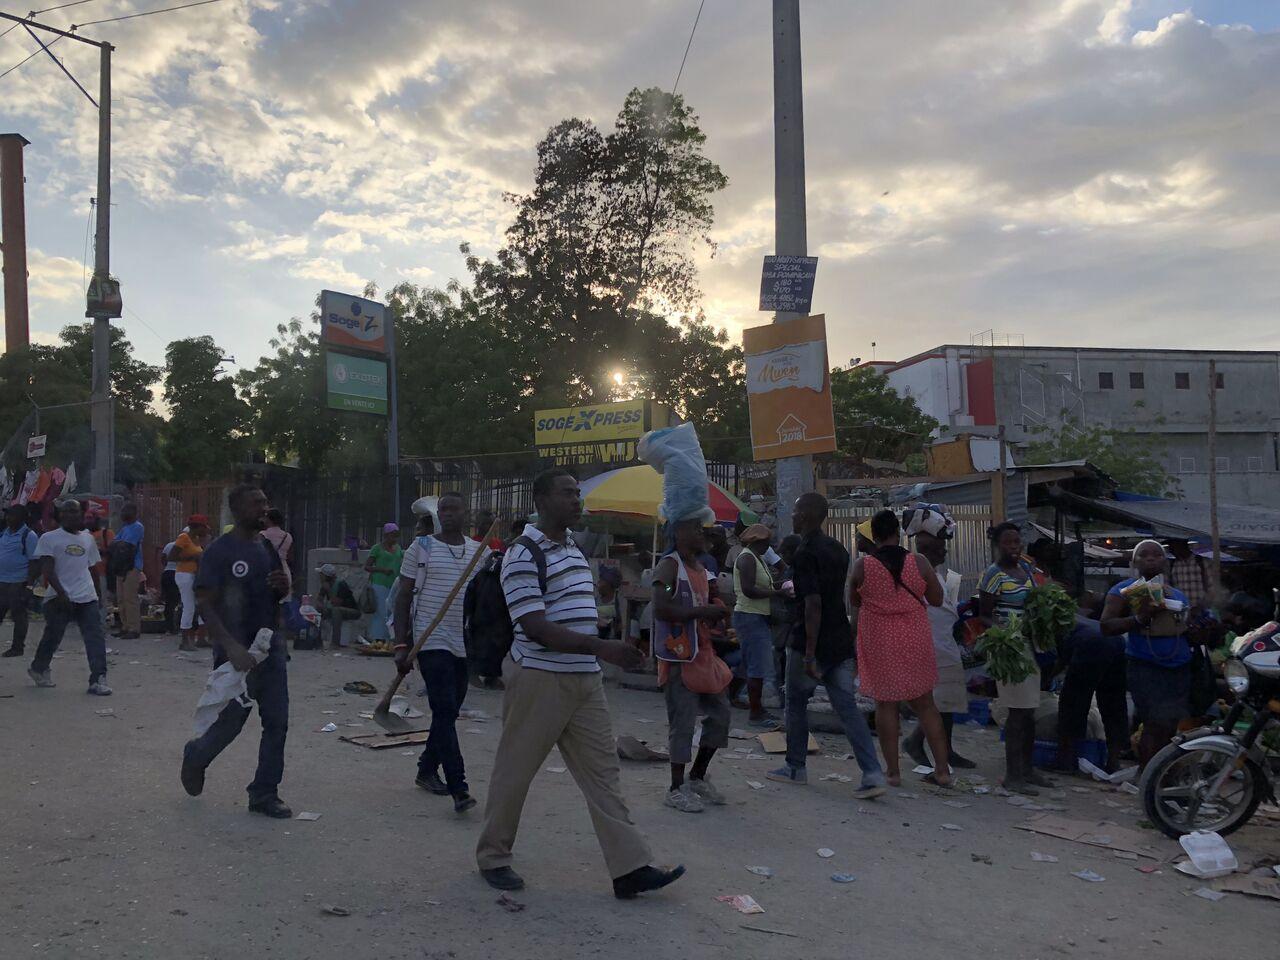 Haiti é um dos países mais pobres da América, sofre com a falta de água encanada, energia elétrica constante e violência (Foto: arquivo pessoal)